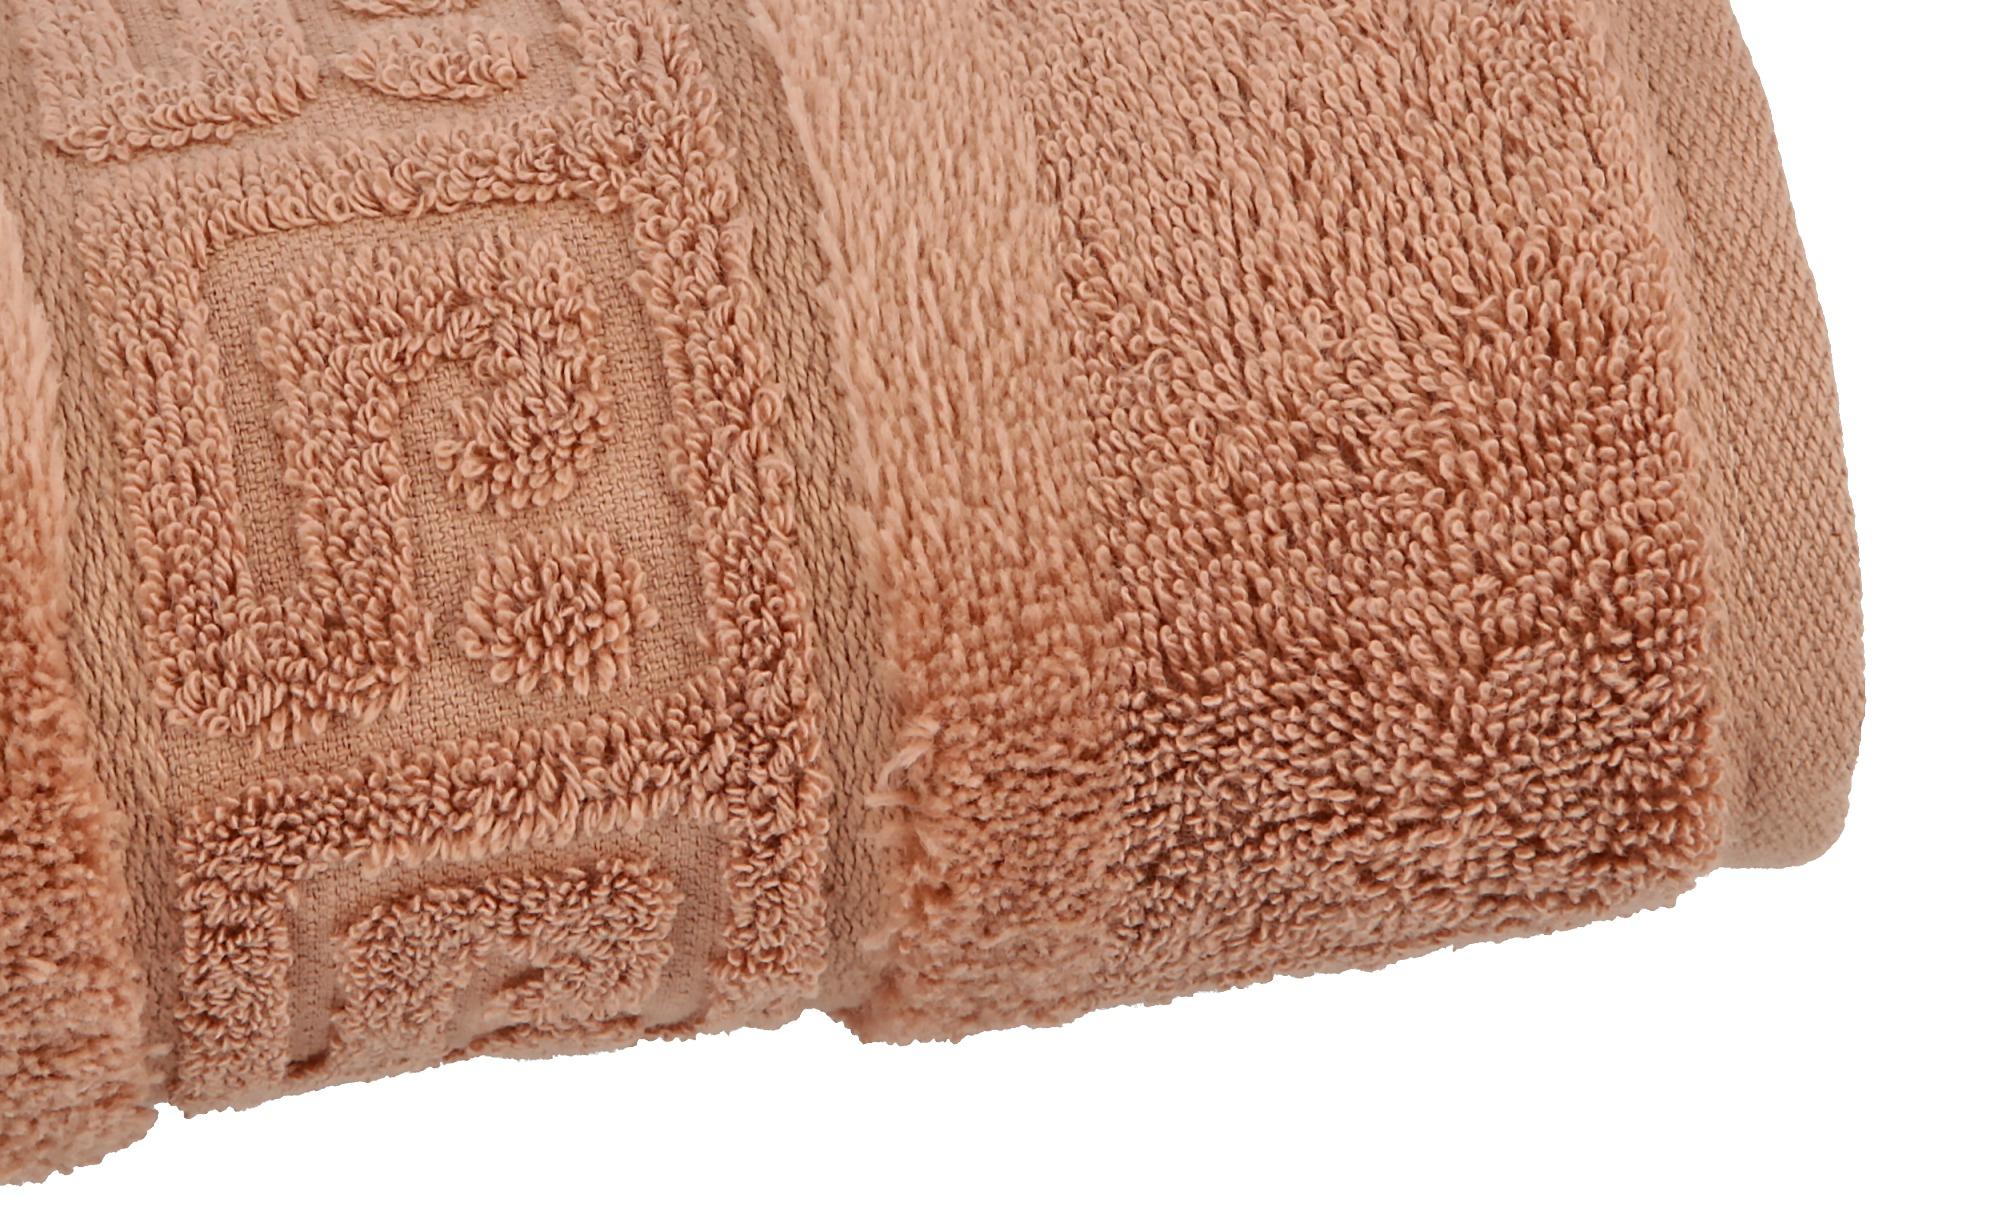 CaWö Handtuch  1001 ¦ braun ¦ 100% Baumwolle ¦ Maße (cm): B: 50 Badtextilien und Zubehör > Handtücher & Badetücher > Handtücher - Höffner